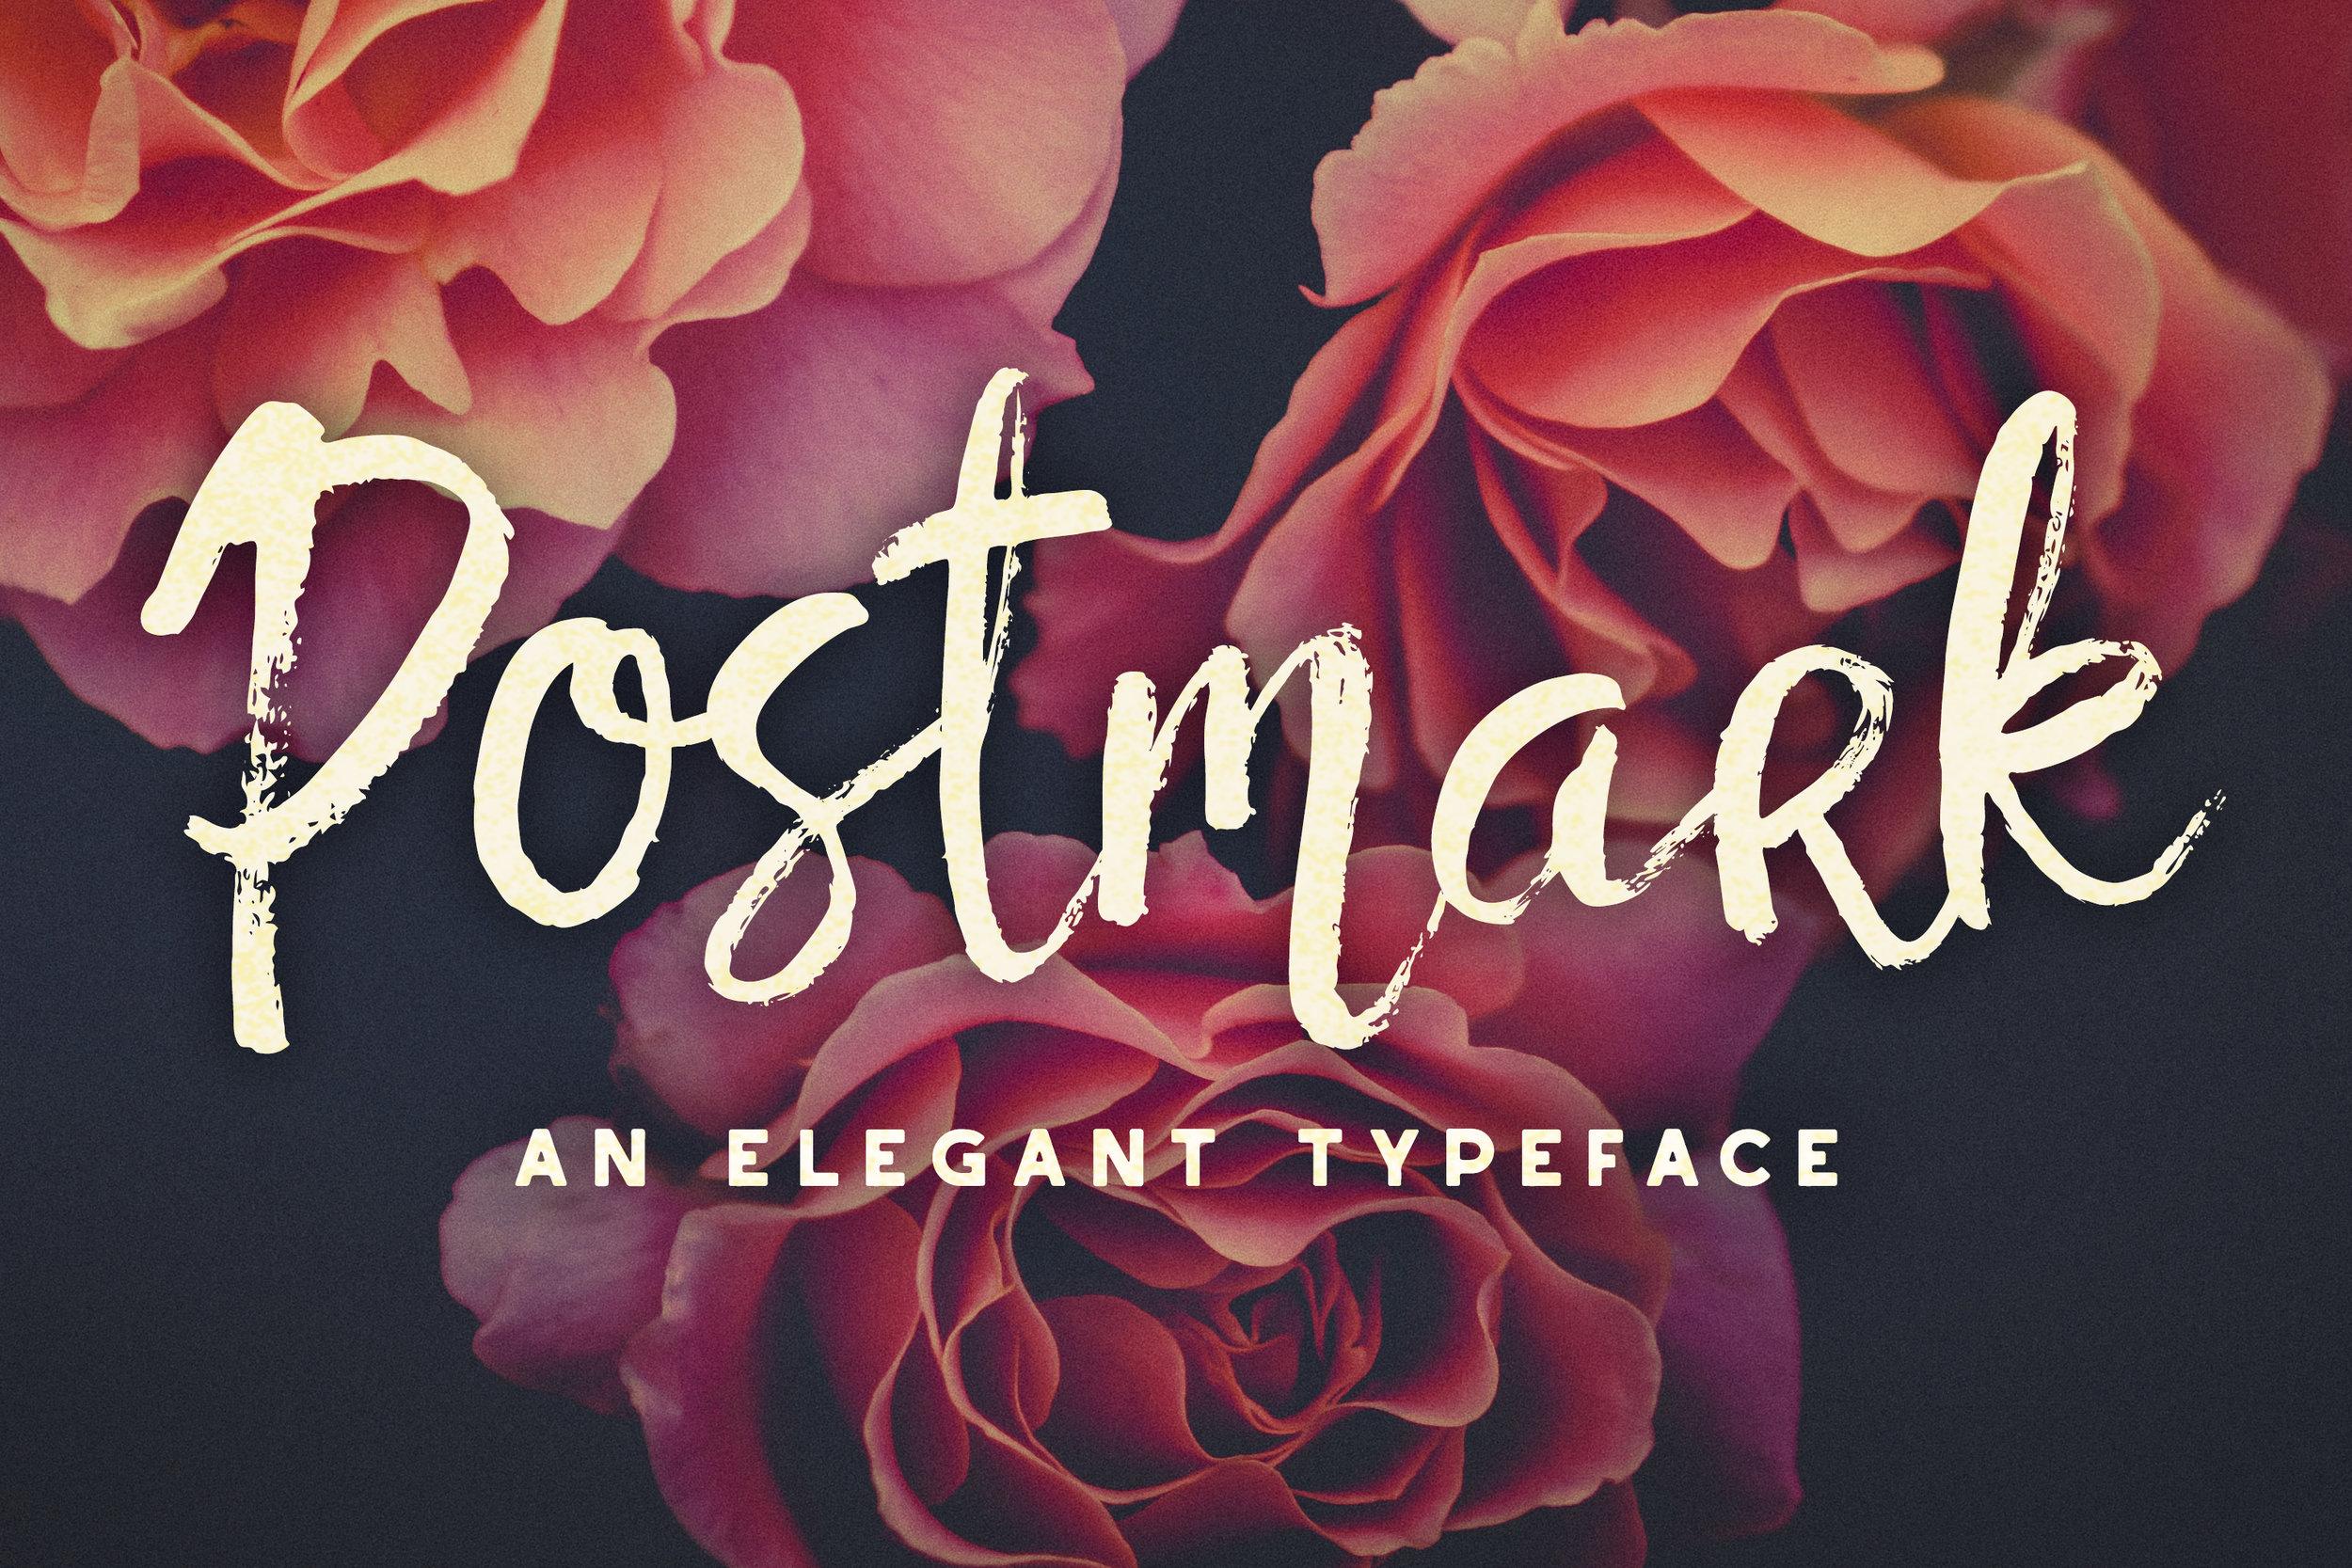 Postmark_1.jpg